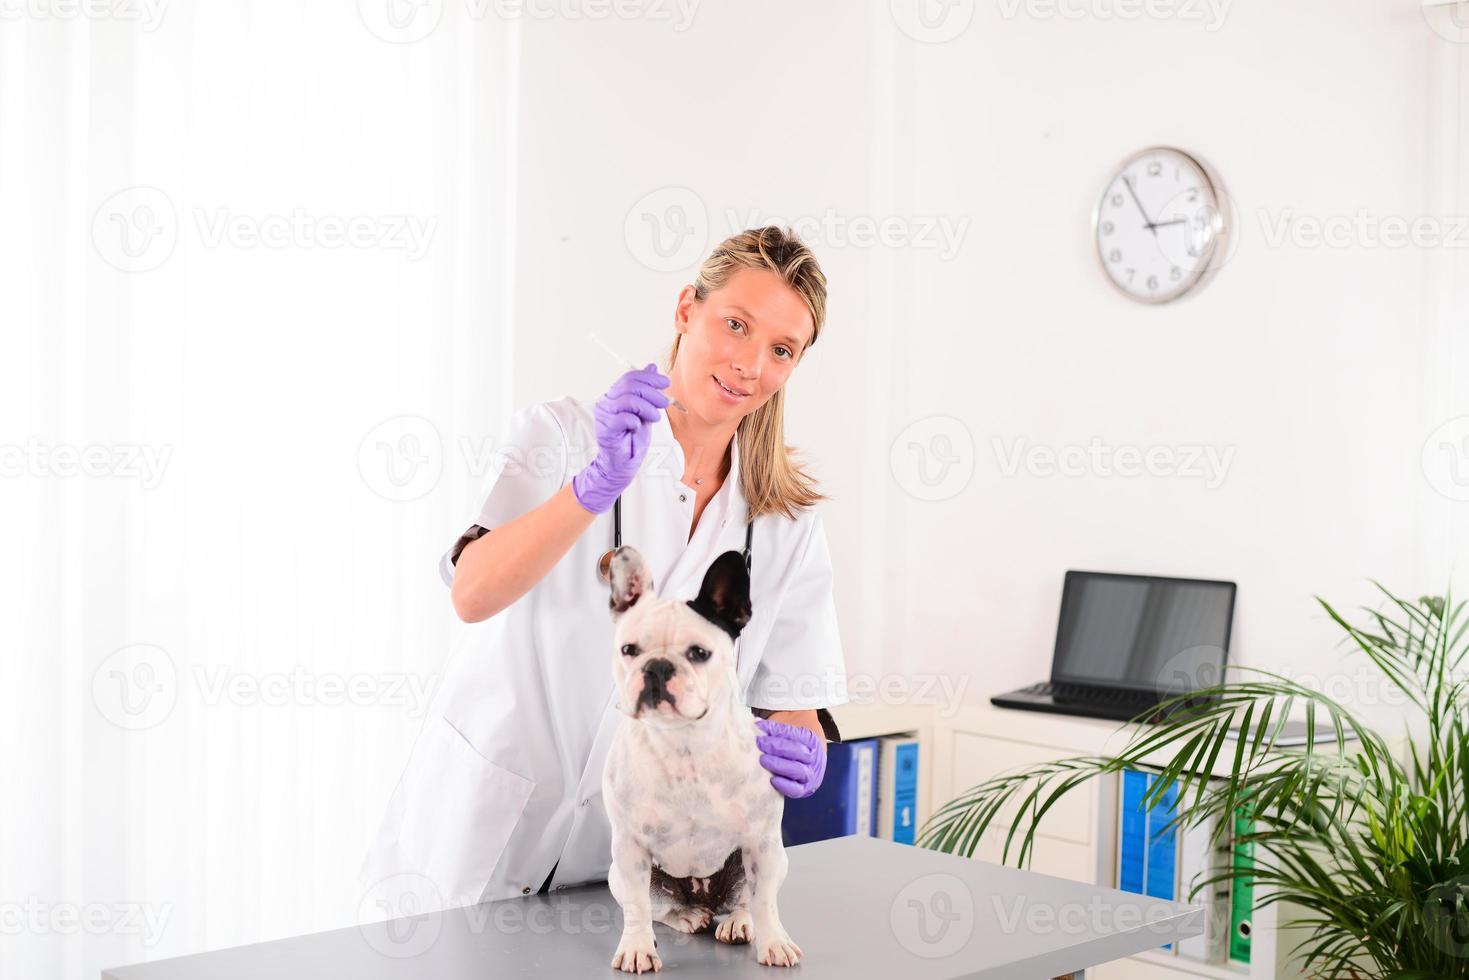 alegre joven veterinaria cuidando perro mascota bulldog francés foto